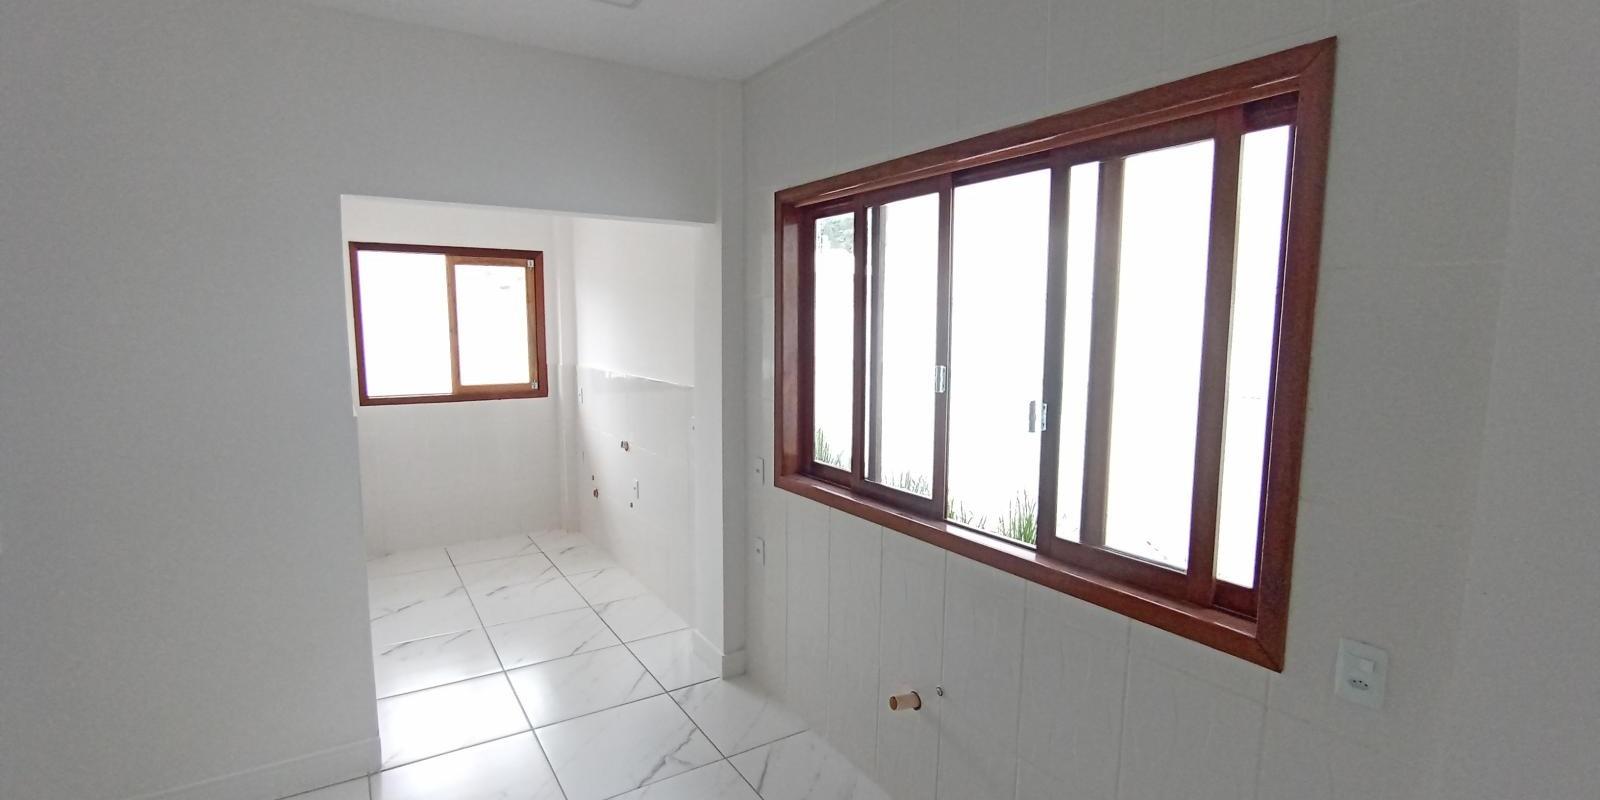 Linda Casa Geminada com 3 Quartos - Foto 8 de 14